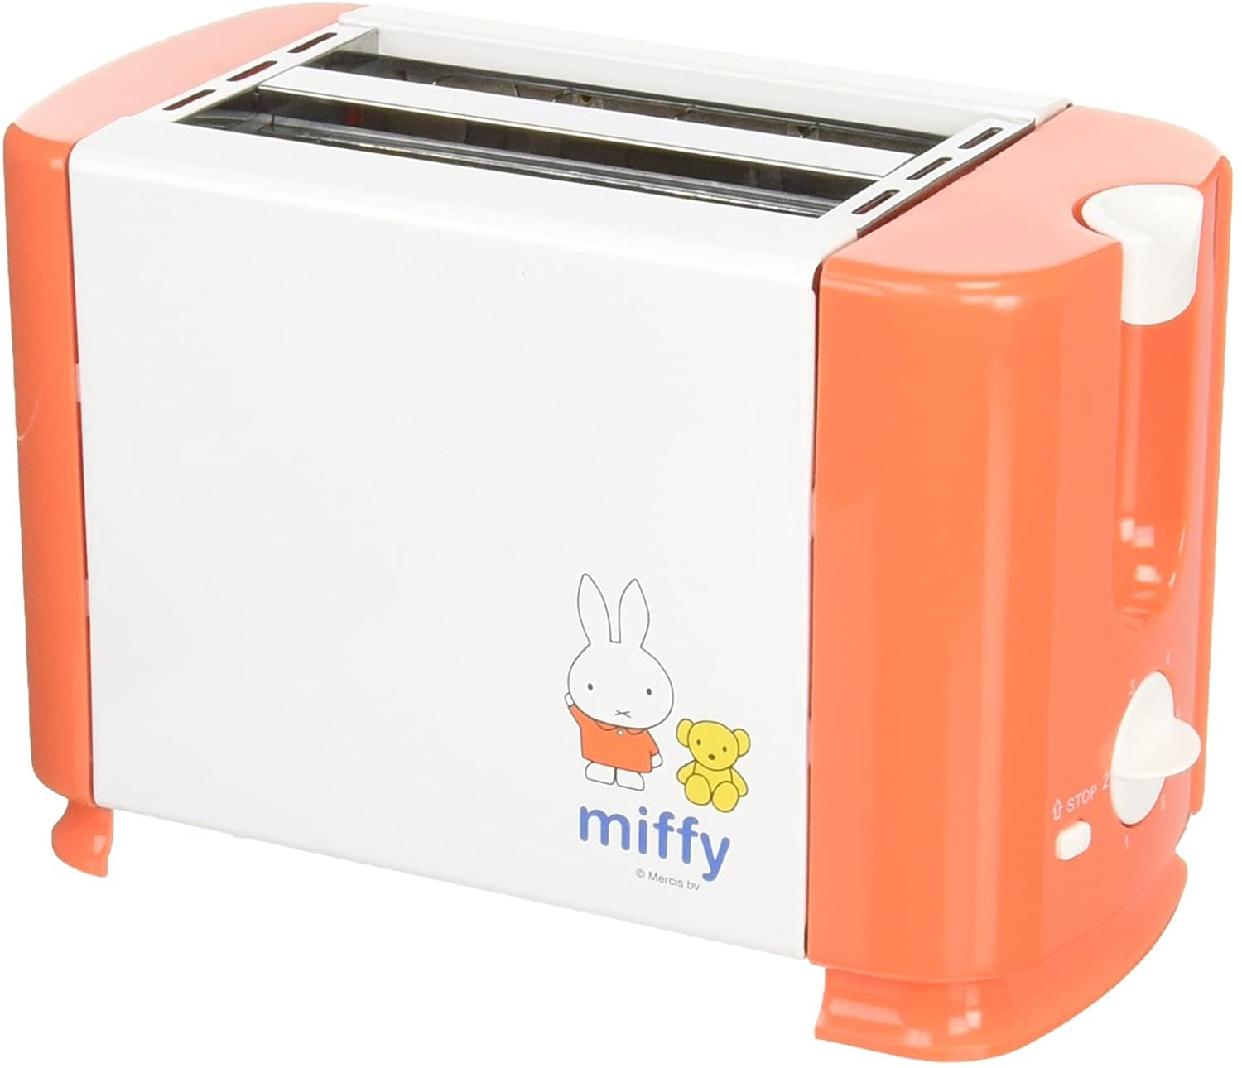 タマハシ ミッフィー ポップアップトースター オレンジ DB-203の商品画像